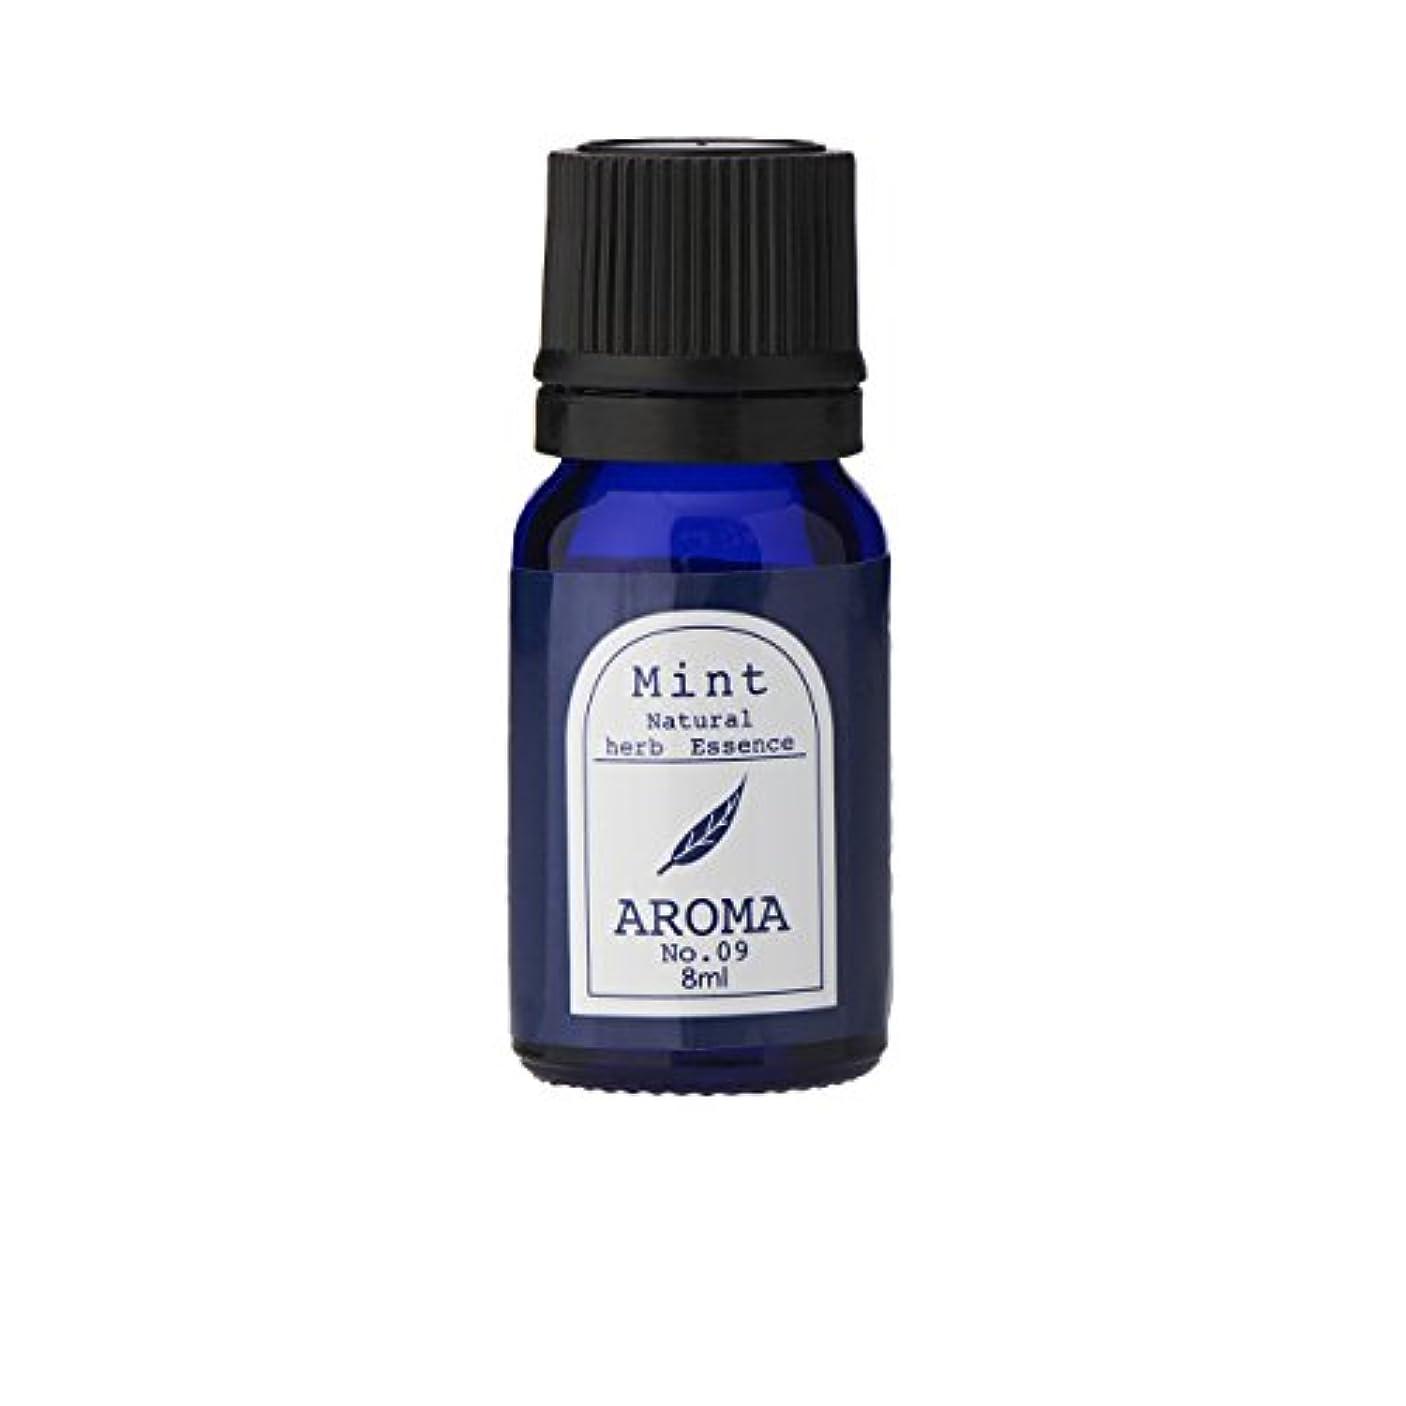 アルカイックもっと不良ブルーラベル アロマエッセンス8ml ミント(アロマオイル 調合香料 芳香用)